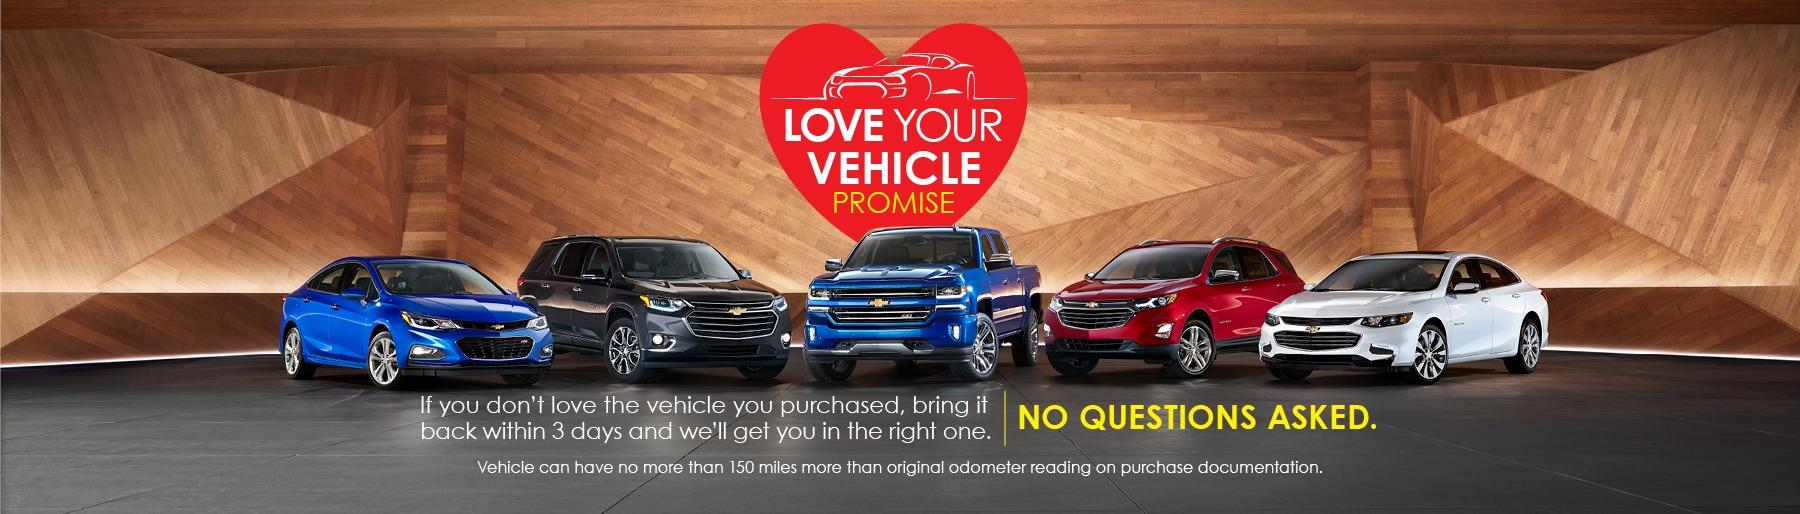 Chevrolet Dealers Az >> Prescott Chevy Dealers New Chevrolet Cars Trucks For Sale